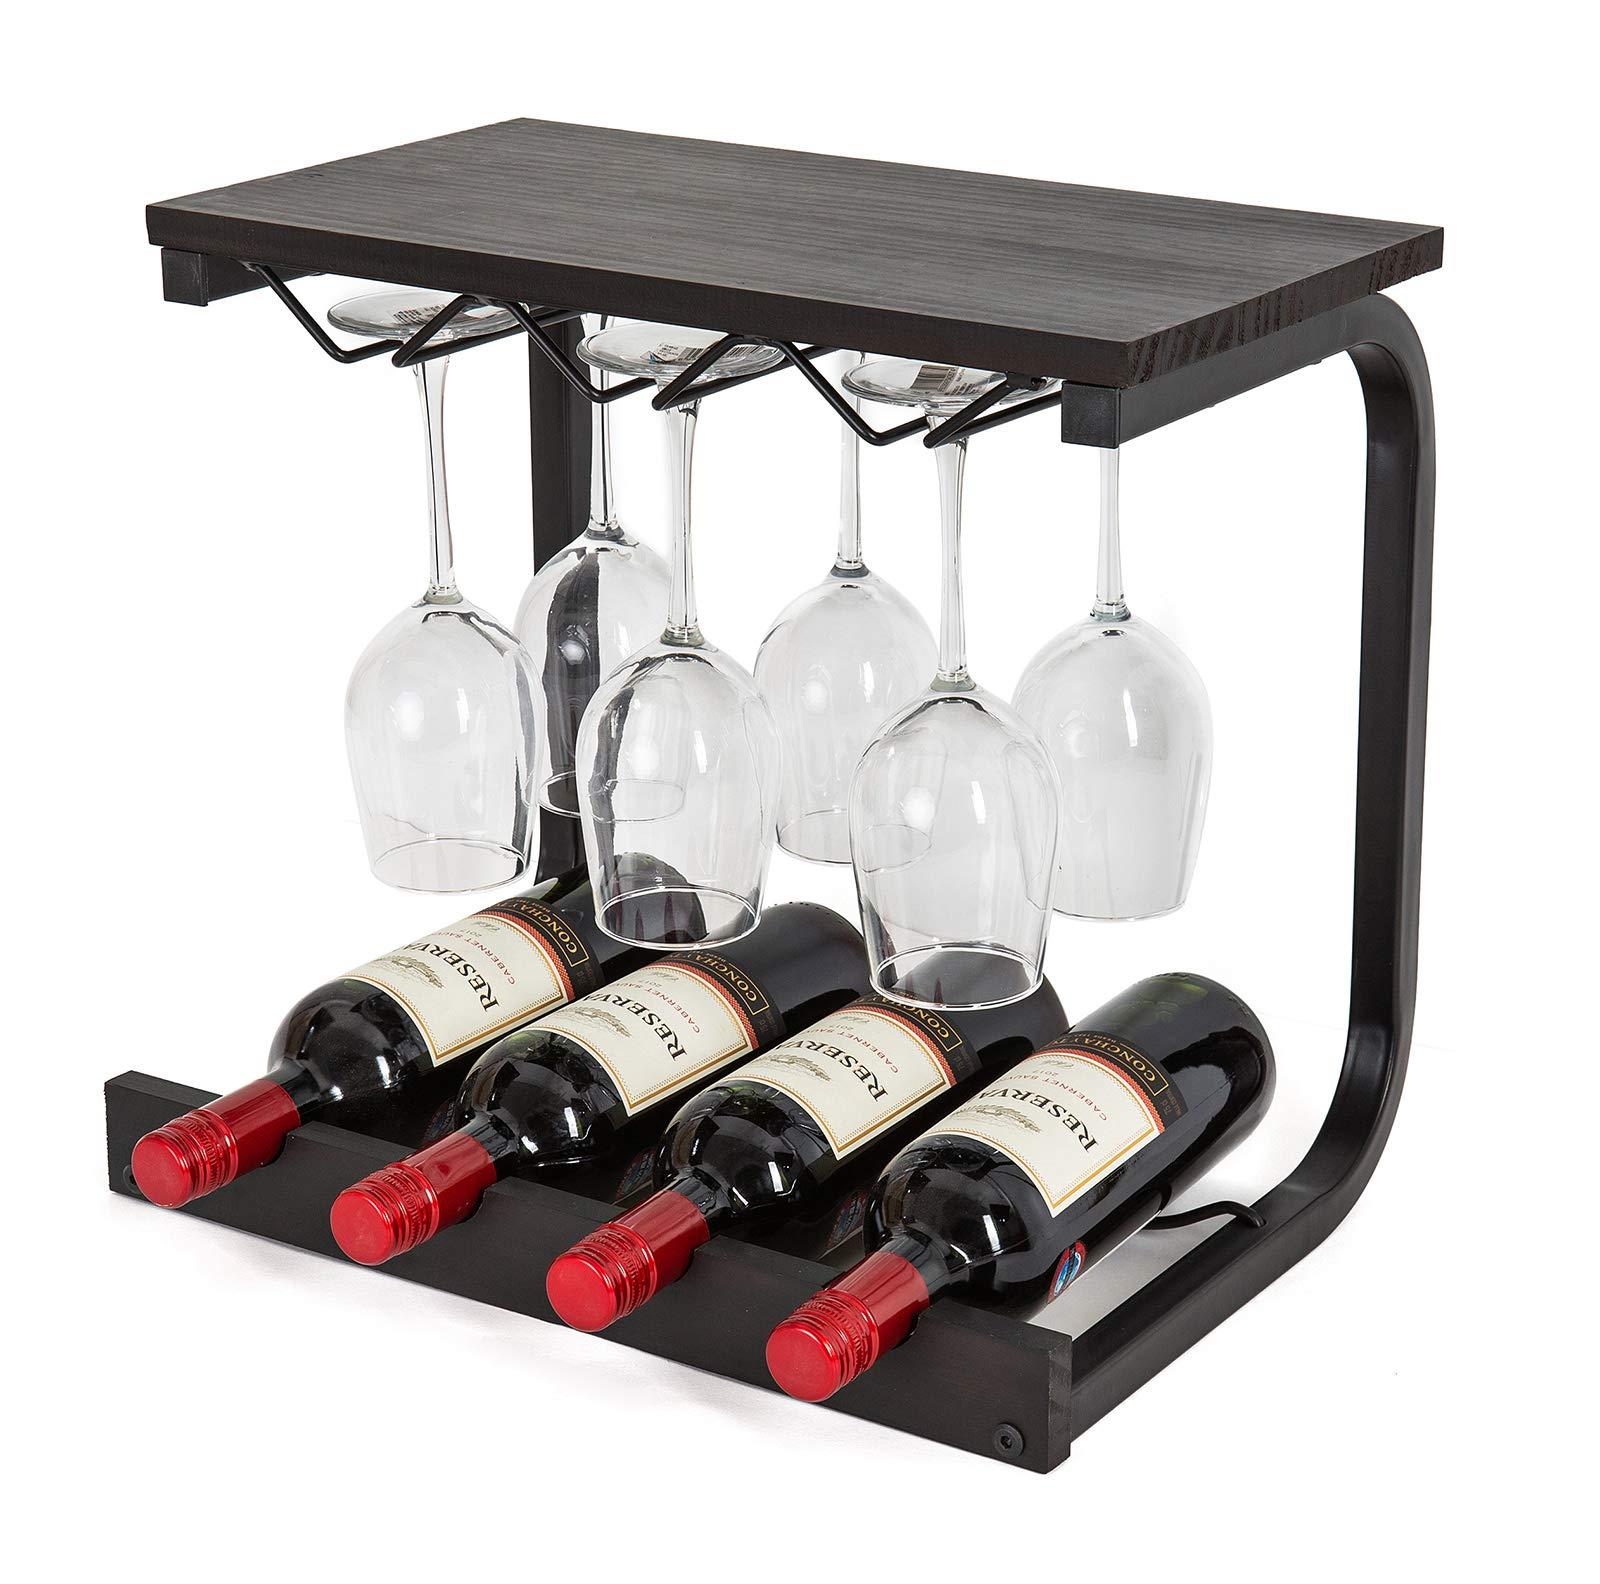 SODUKU Wine Rack Wall Mounted Handmade Metal & Wood Wine Countertop Rack Wine Storage Shelf with 4 Bottle Cages & 6 Long Stem Glass Espresso by SODUKU